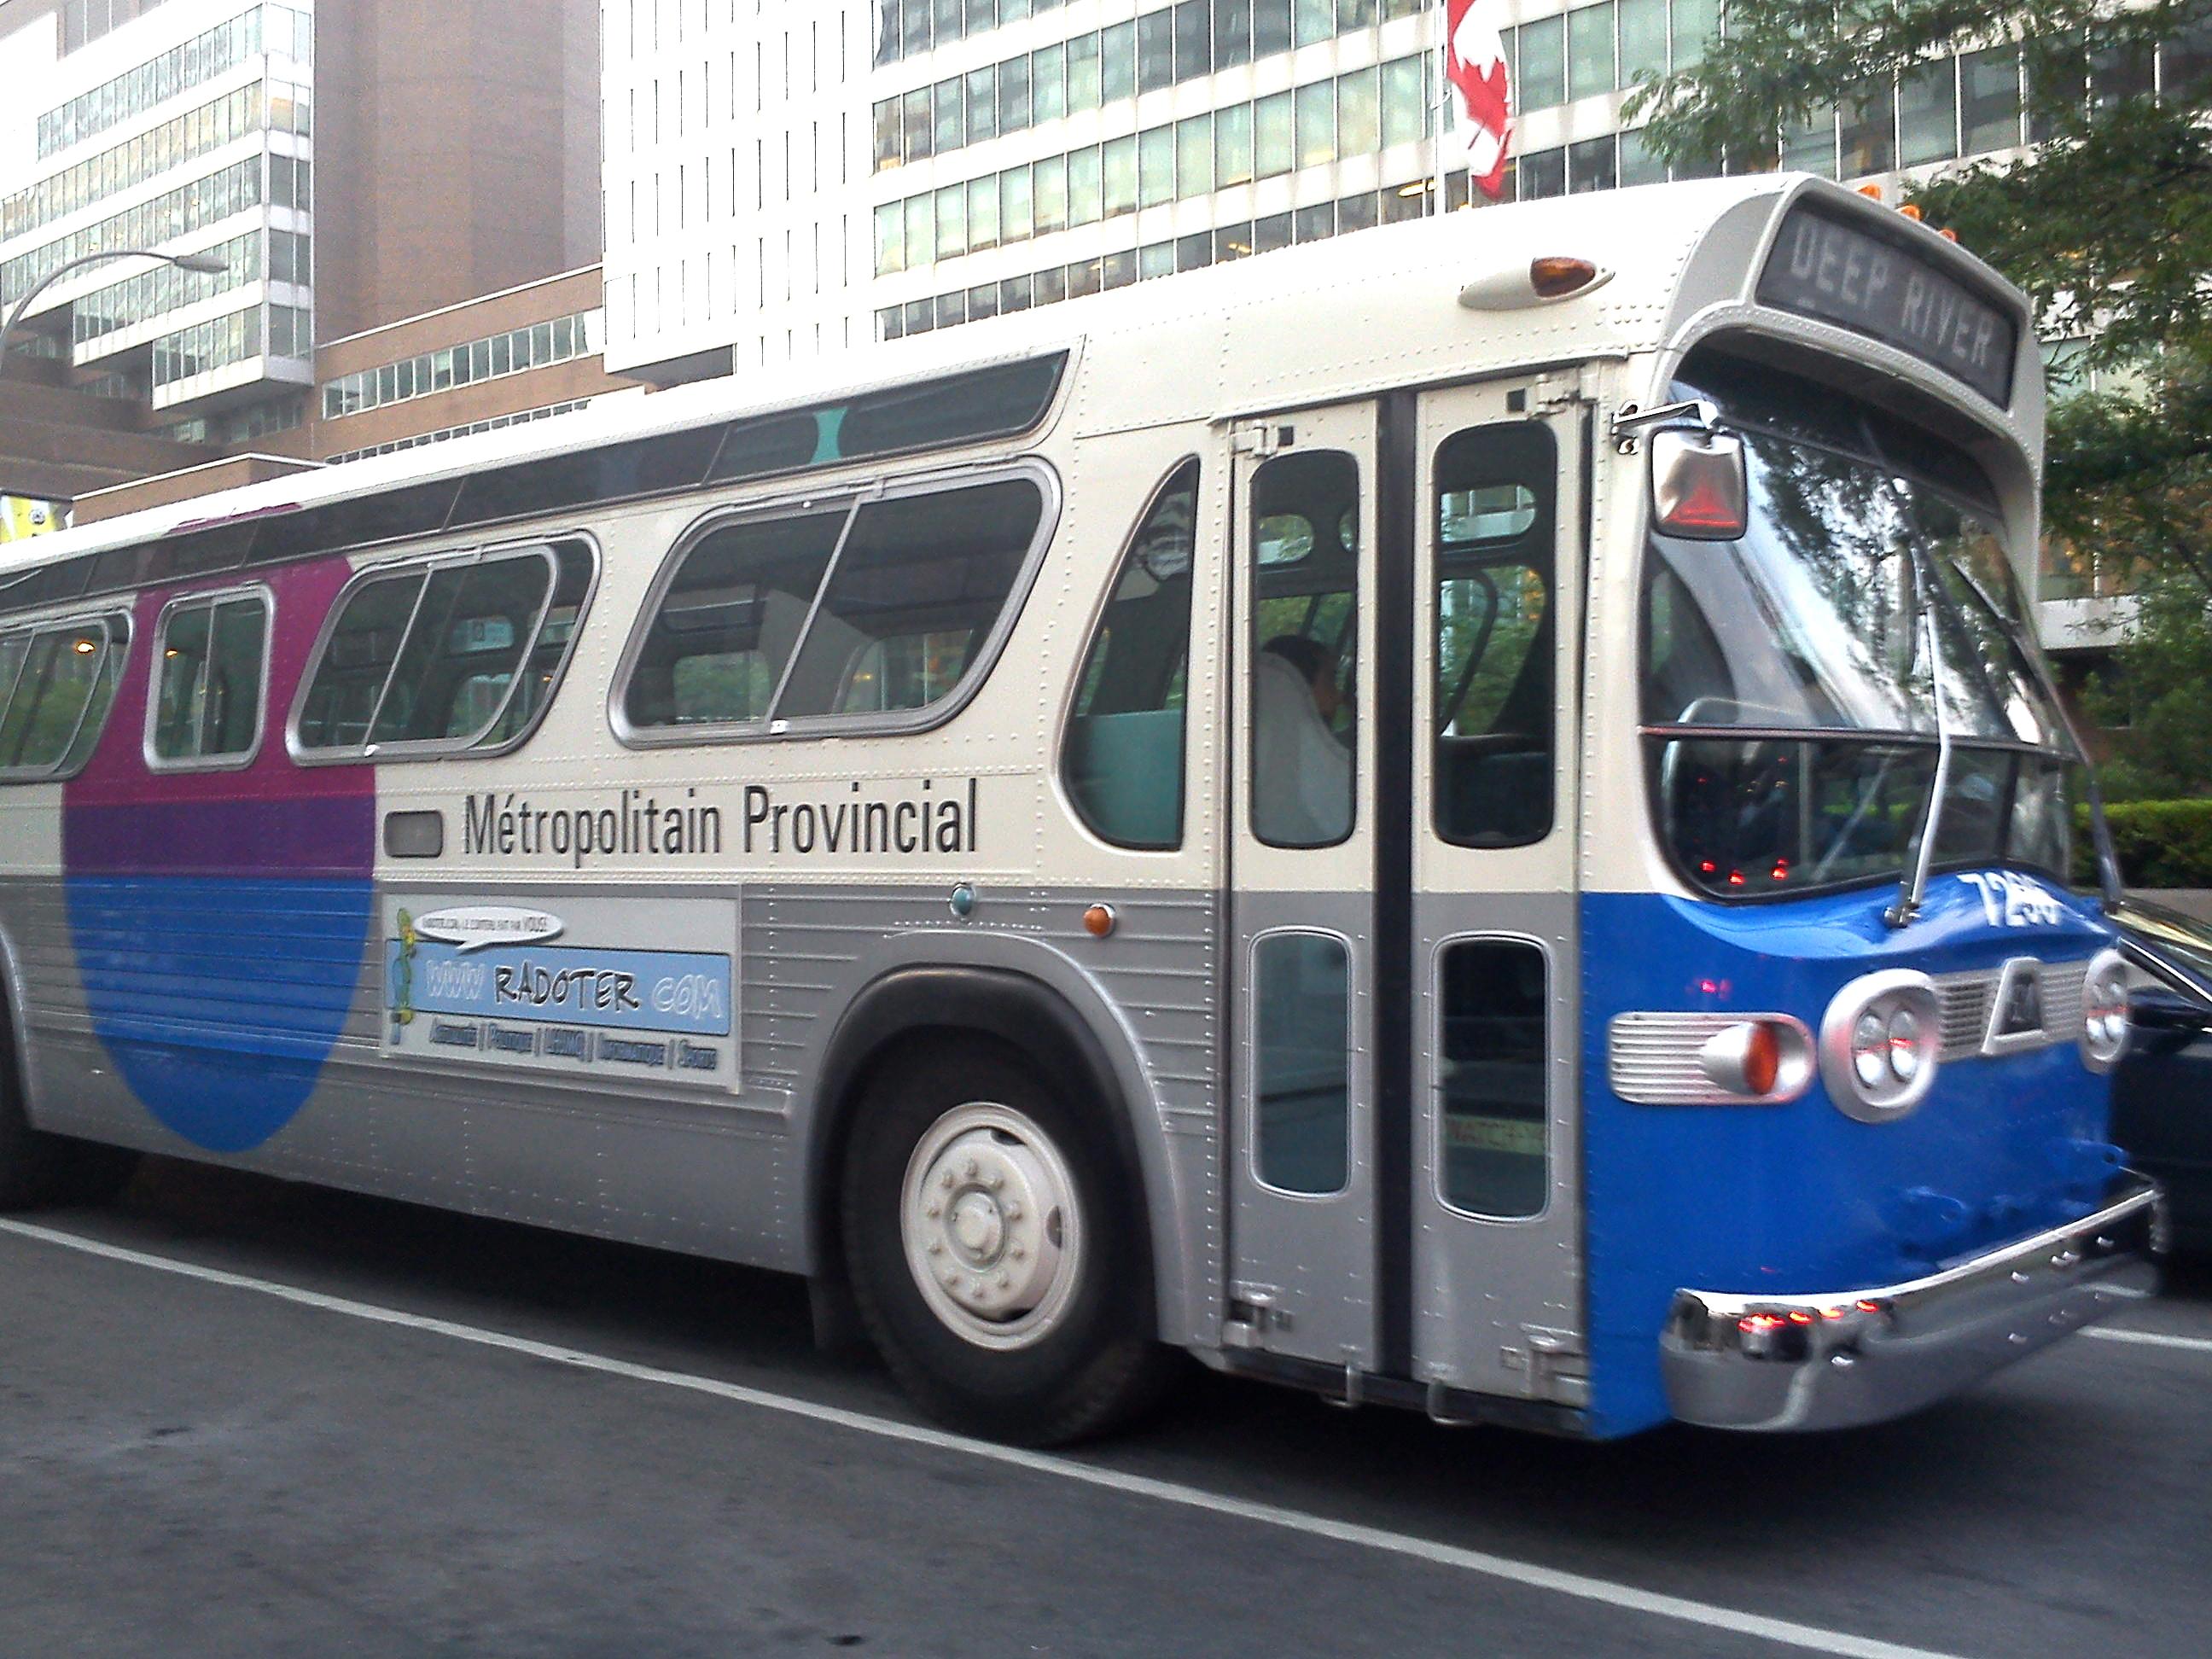 File:Metropolitan Provincial 7296.jpg